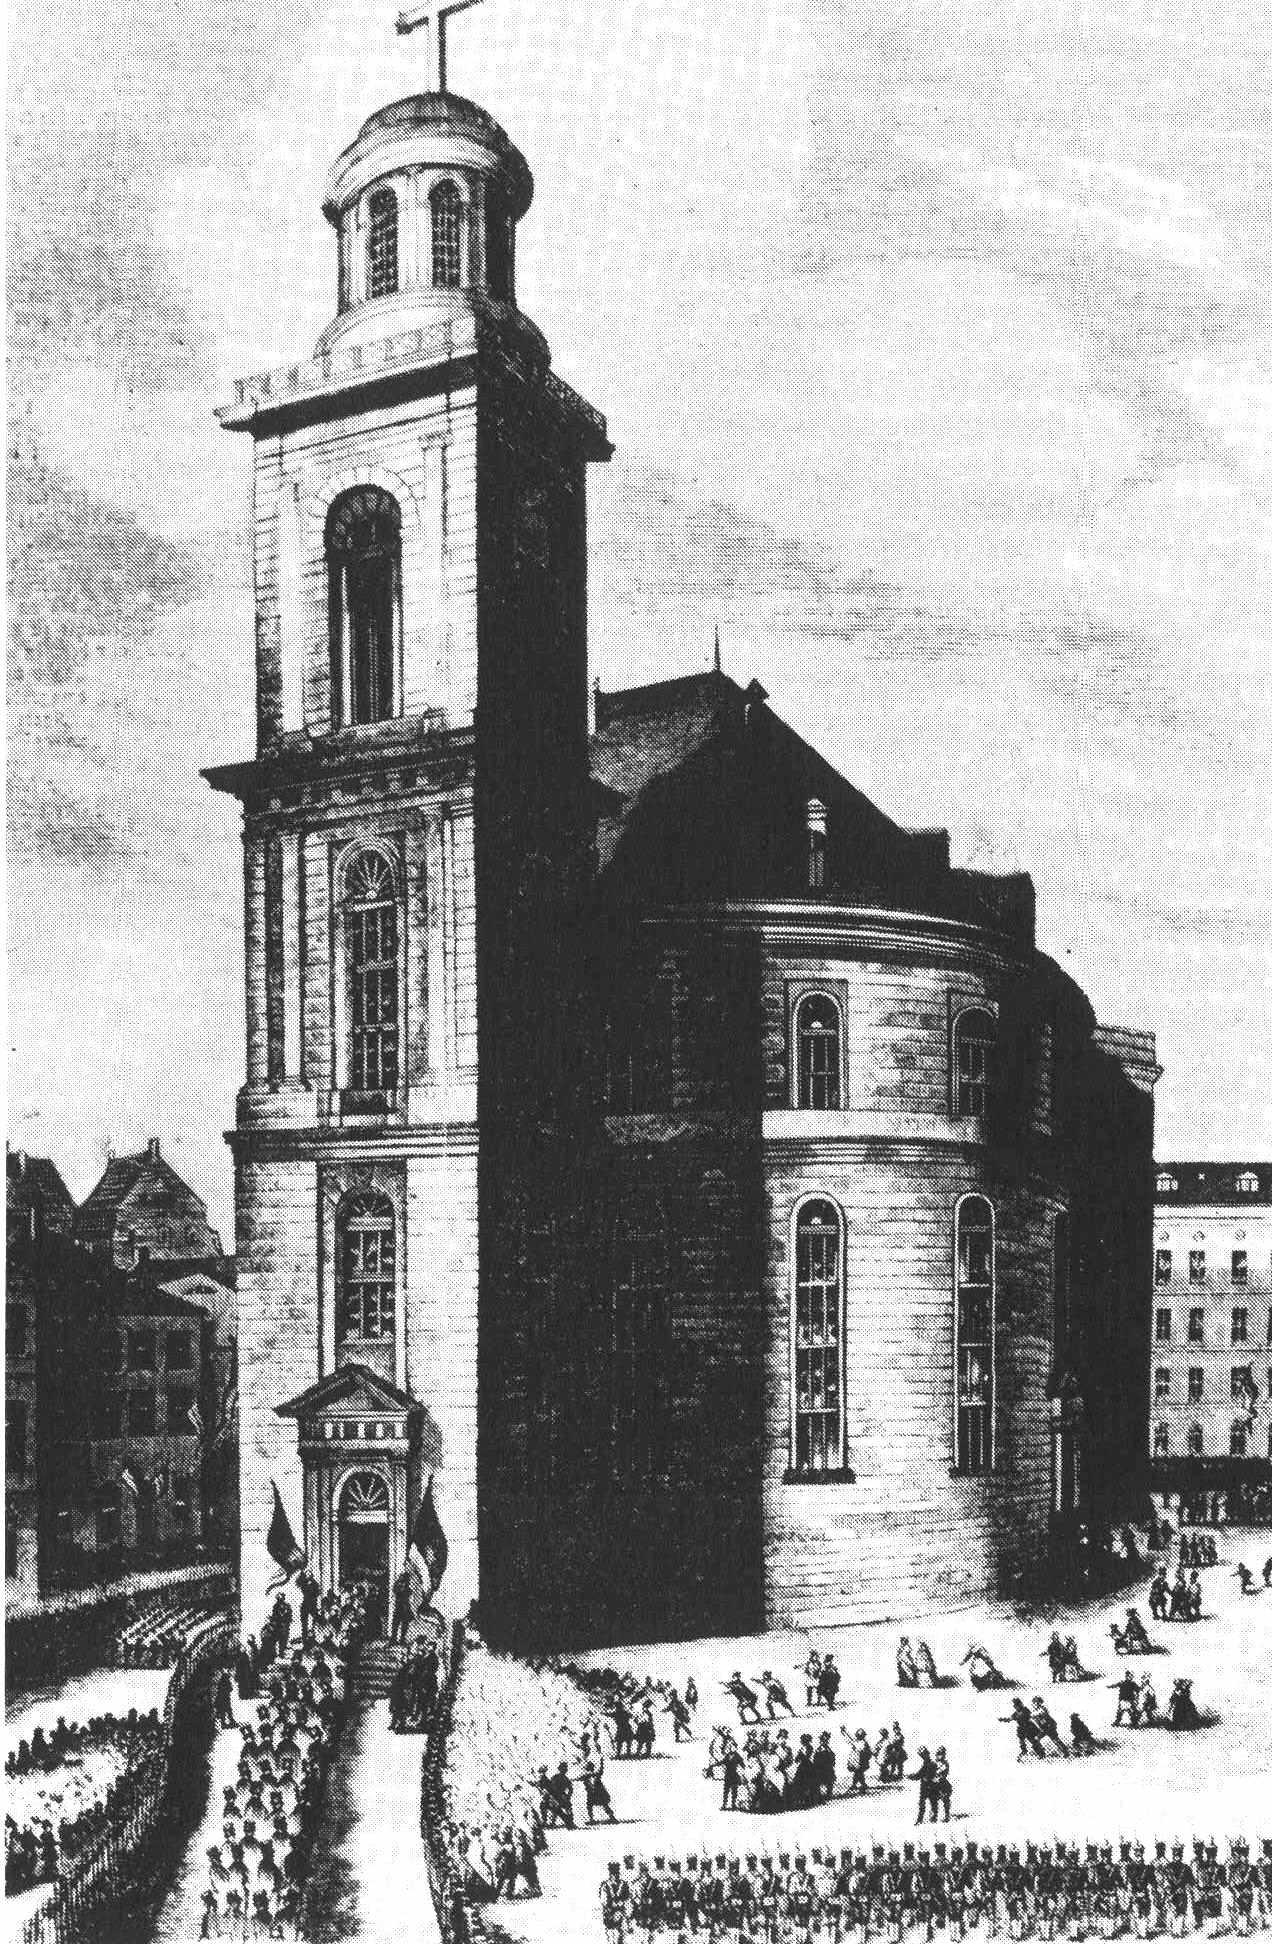 Die Frankfurter Paulskirche als Sinnbild für den bürgerlichen Ursprung - schon um 1848 wurde in der Nationalversammlung über betriebliche Mitbestimmung debattiert